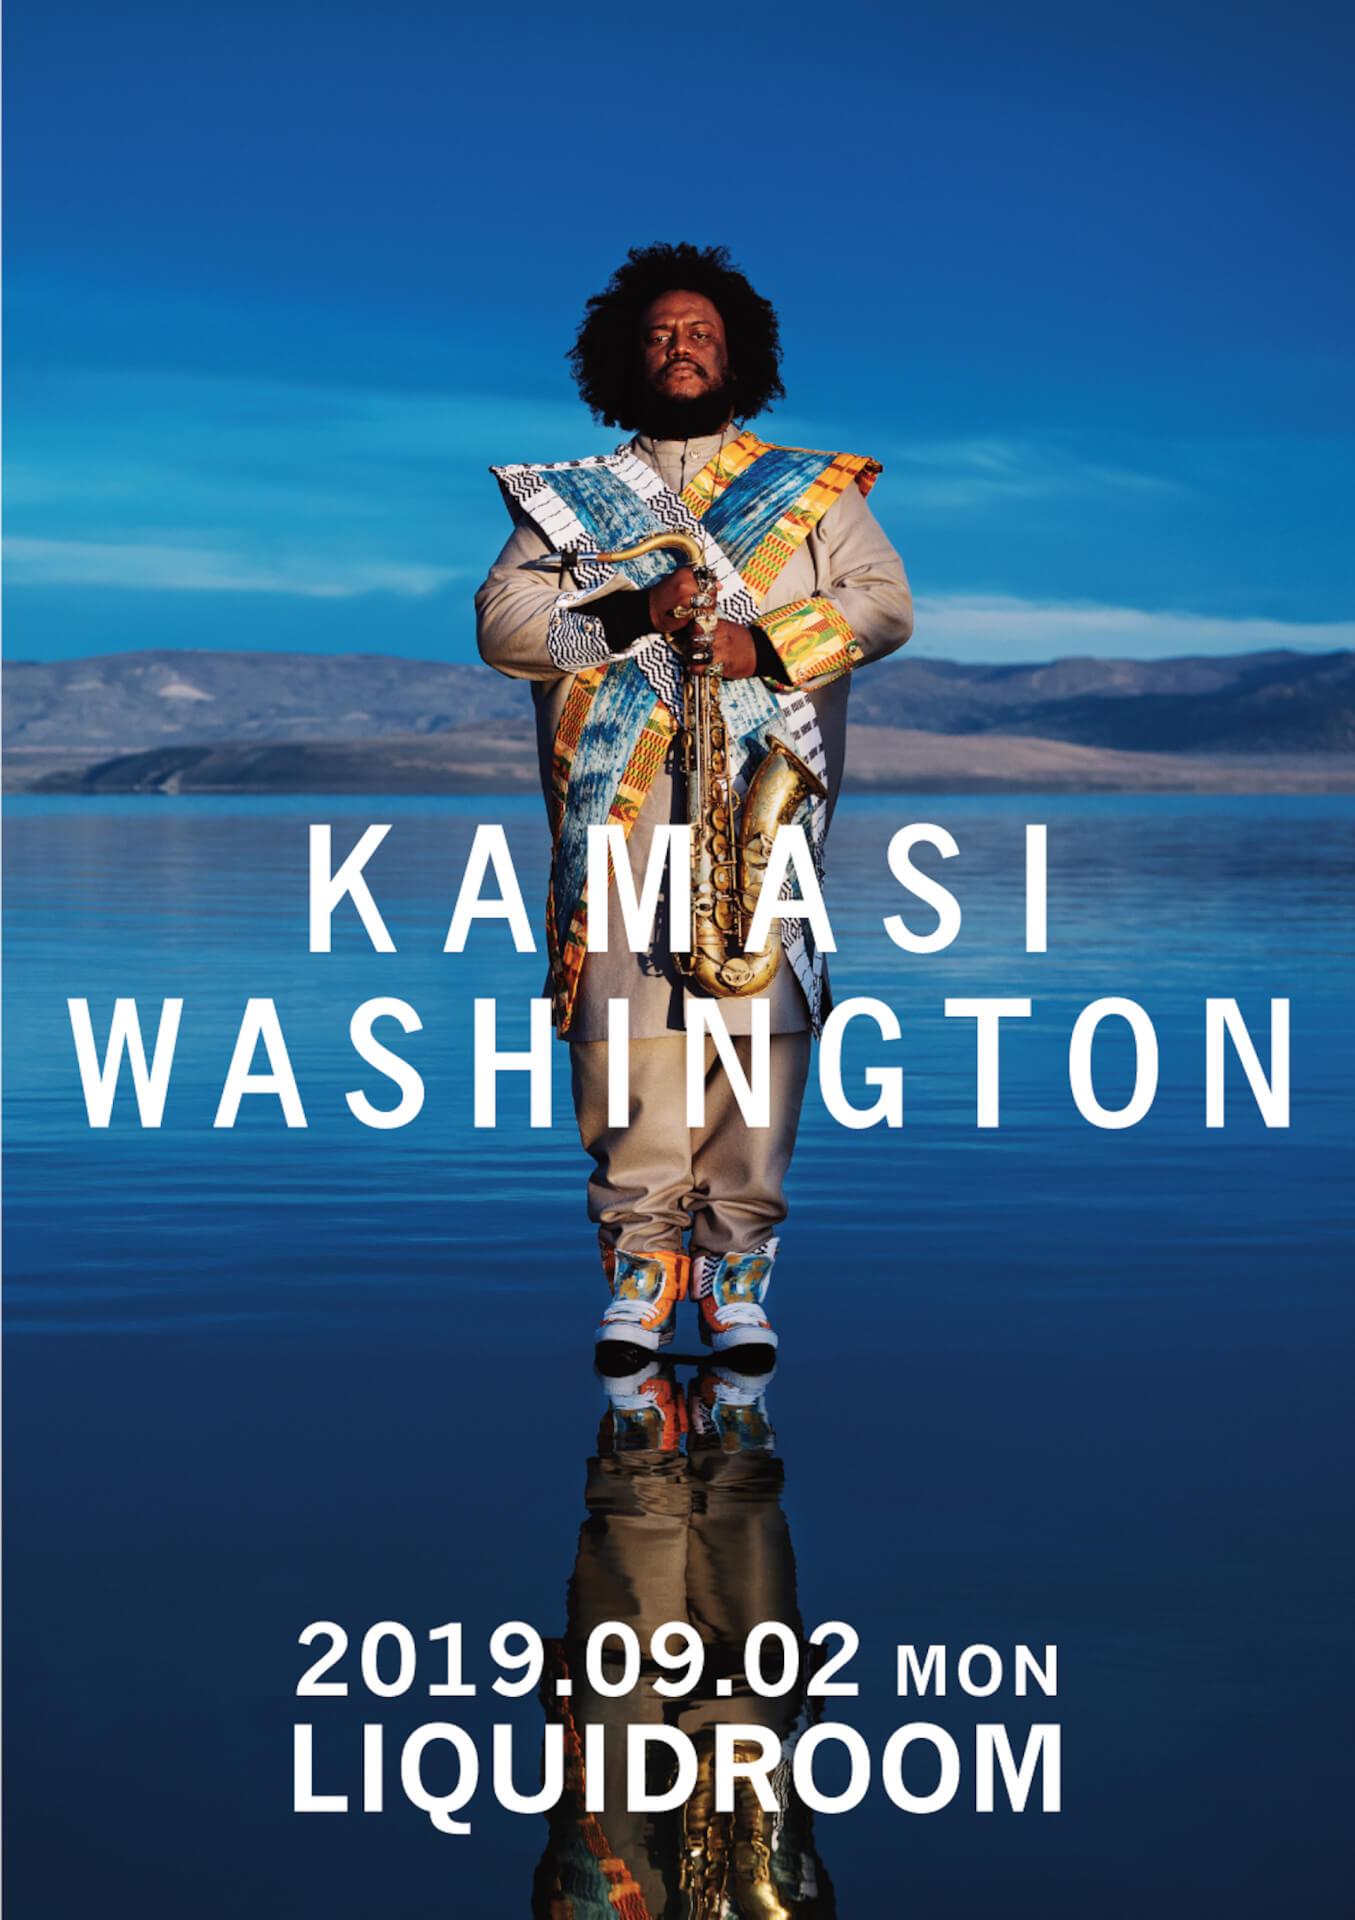 カマシ・ワシントン、いよいよ今週末東京JAZZに登場!|LIQUIDROOM公演ではジャズライターの柳樂光隆がDJ music190827_kamasiwashington_2